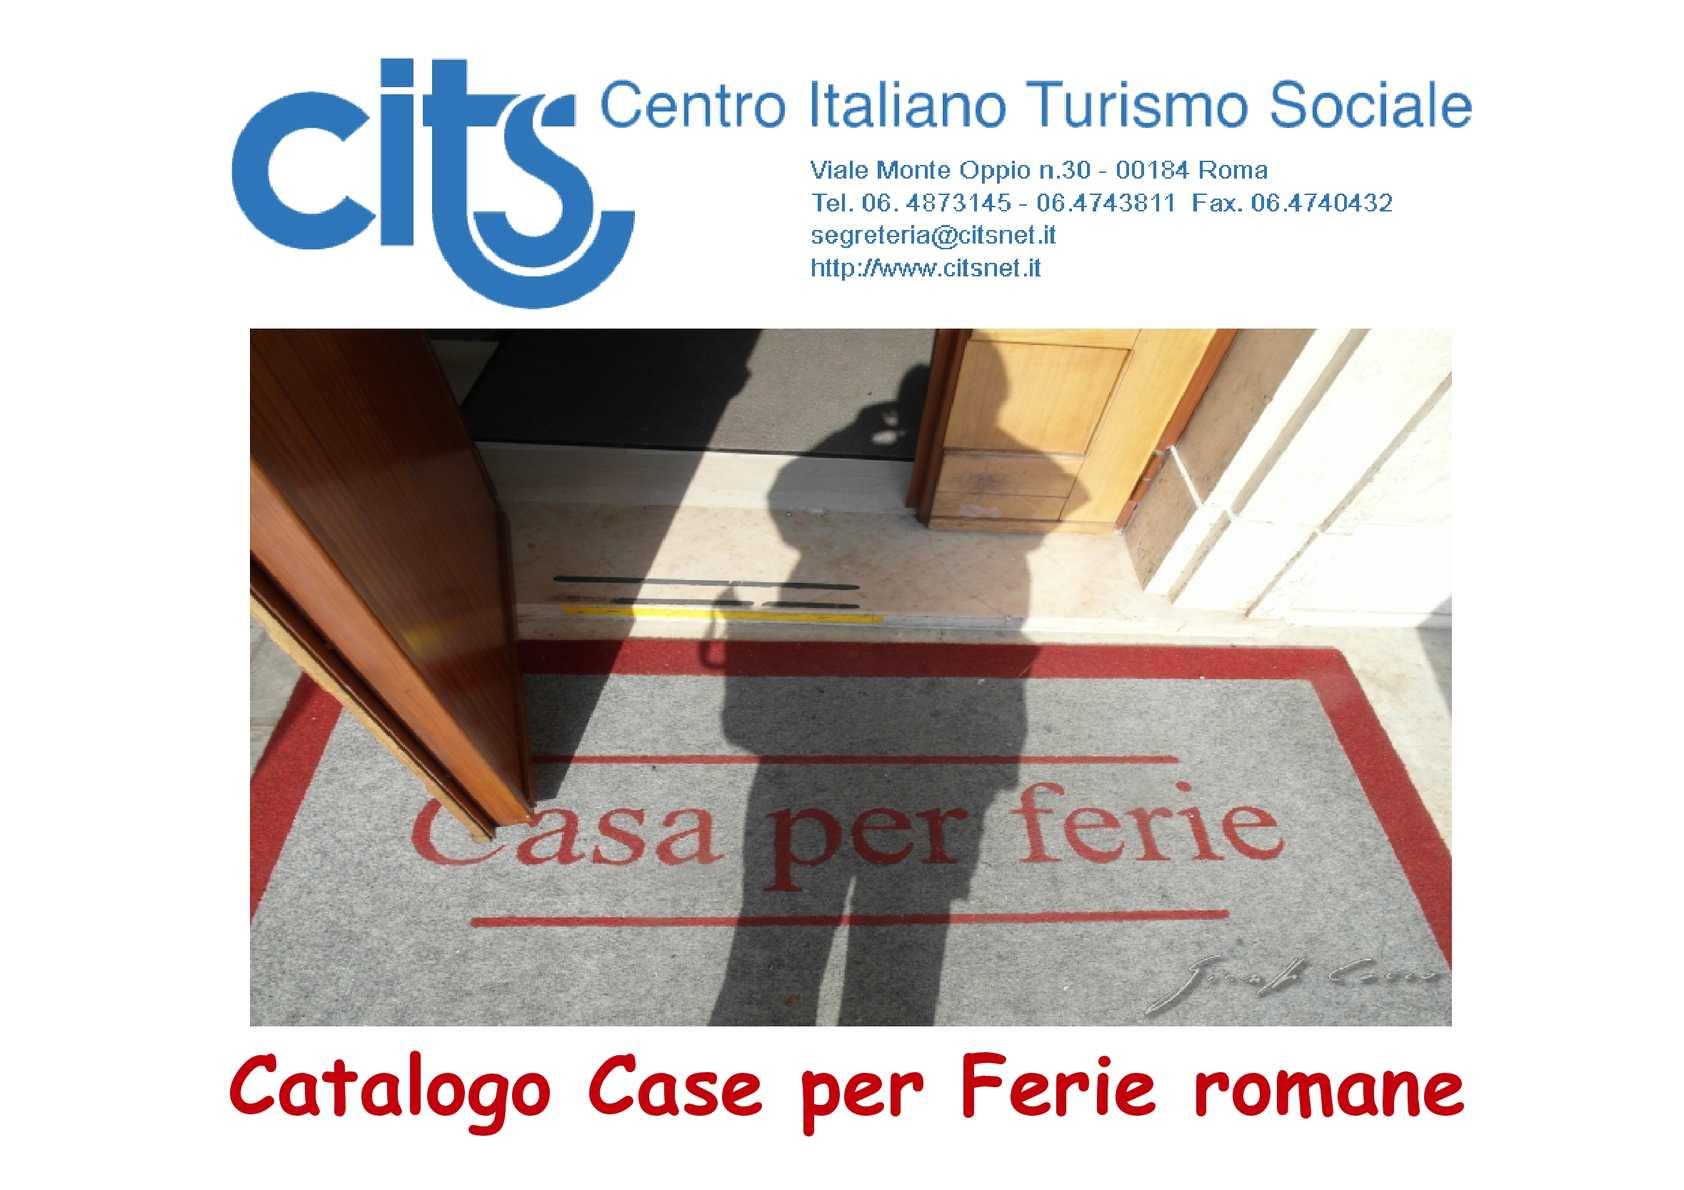 Calam o catalogo case per ferie romane del cits for Catalogo case